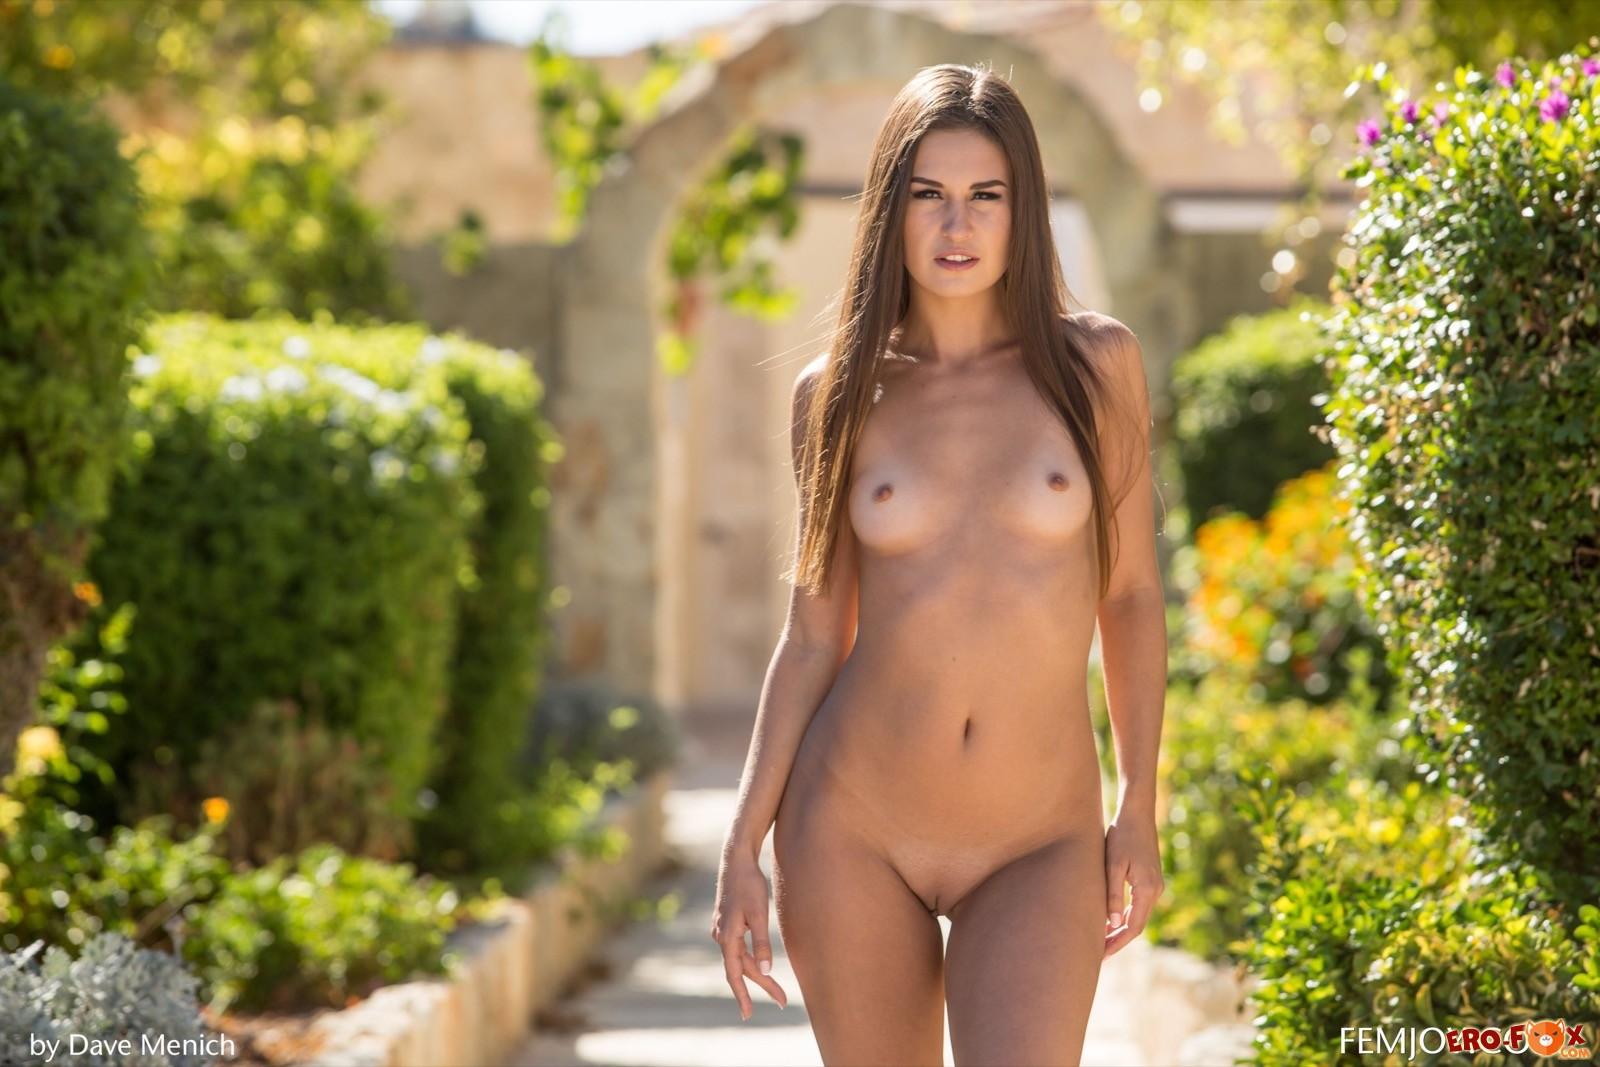 Сексуальная красотка сняв платье позирует на улице